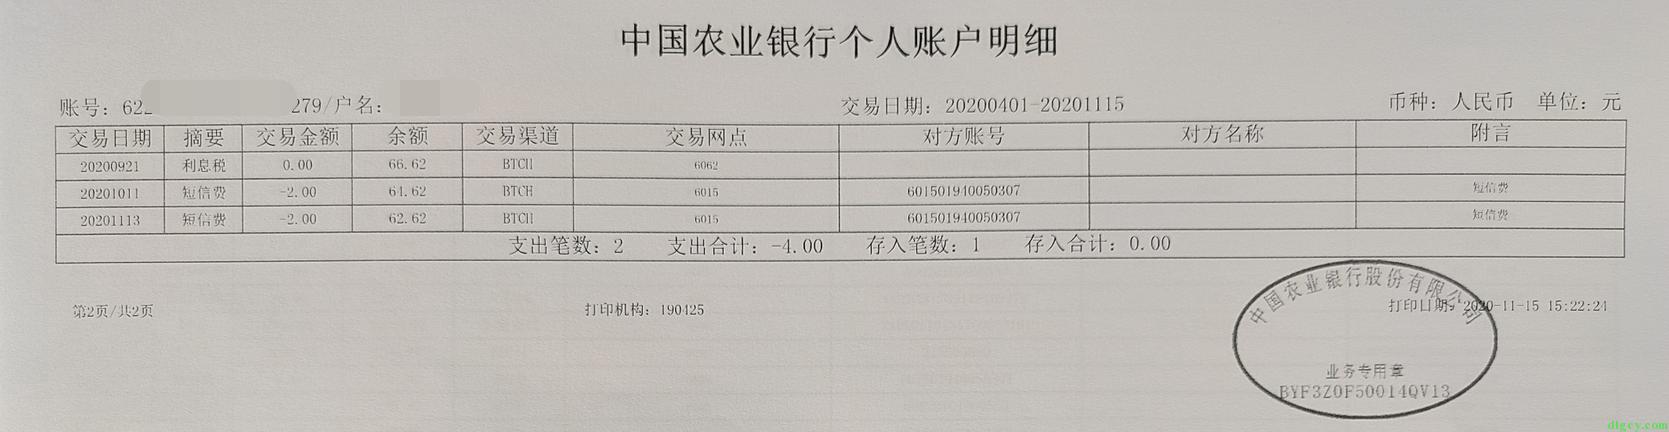 浙江云泊科技有限公司欠薪情况插图7